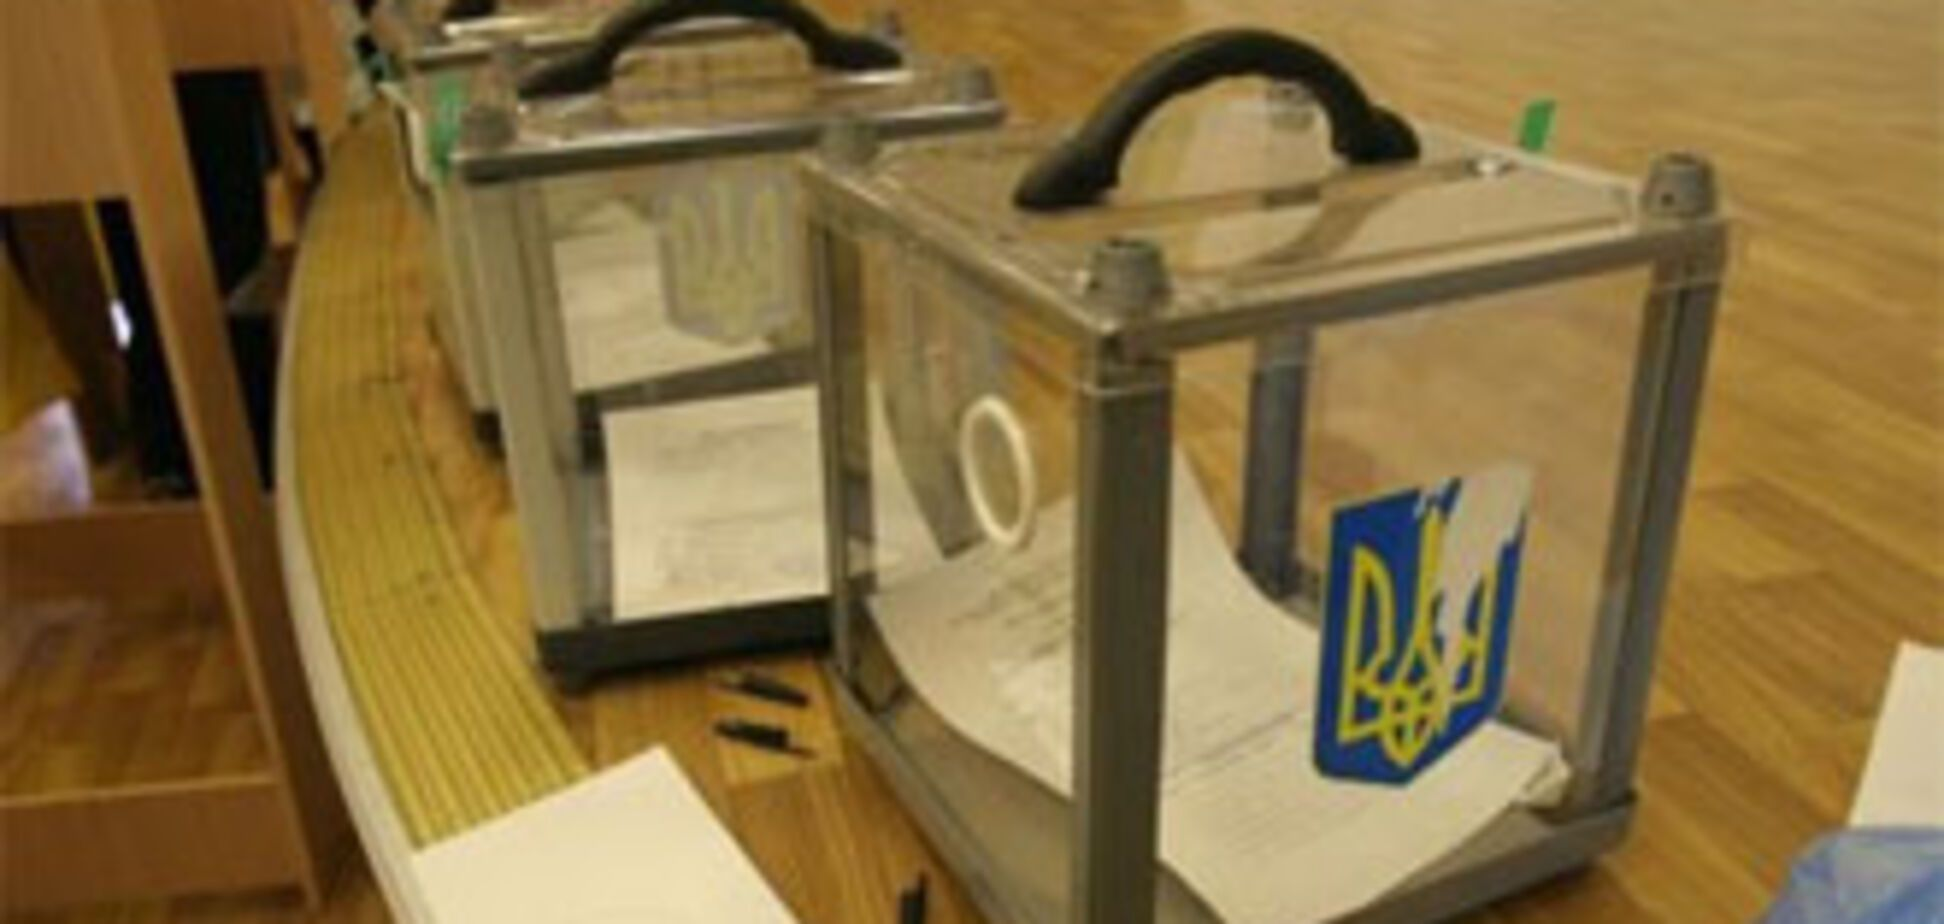 Опрацьовано 11,24% голосів: дані ЦВК